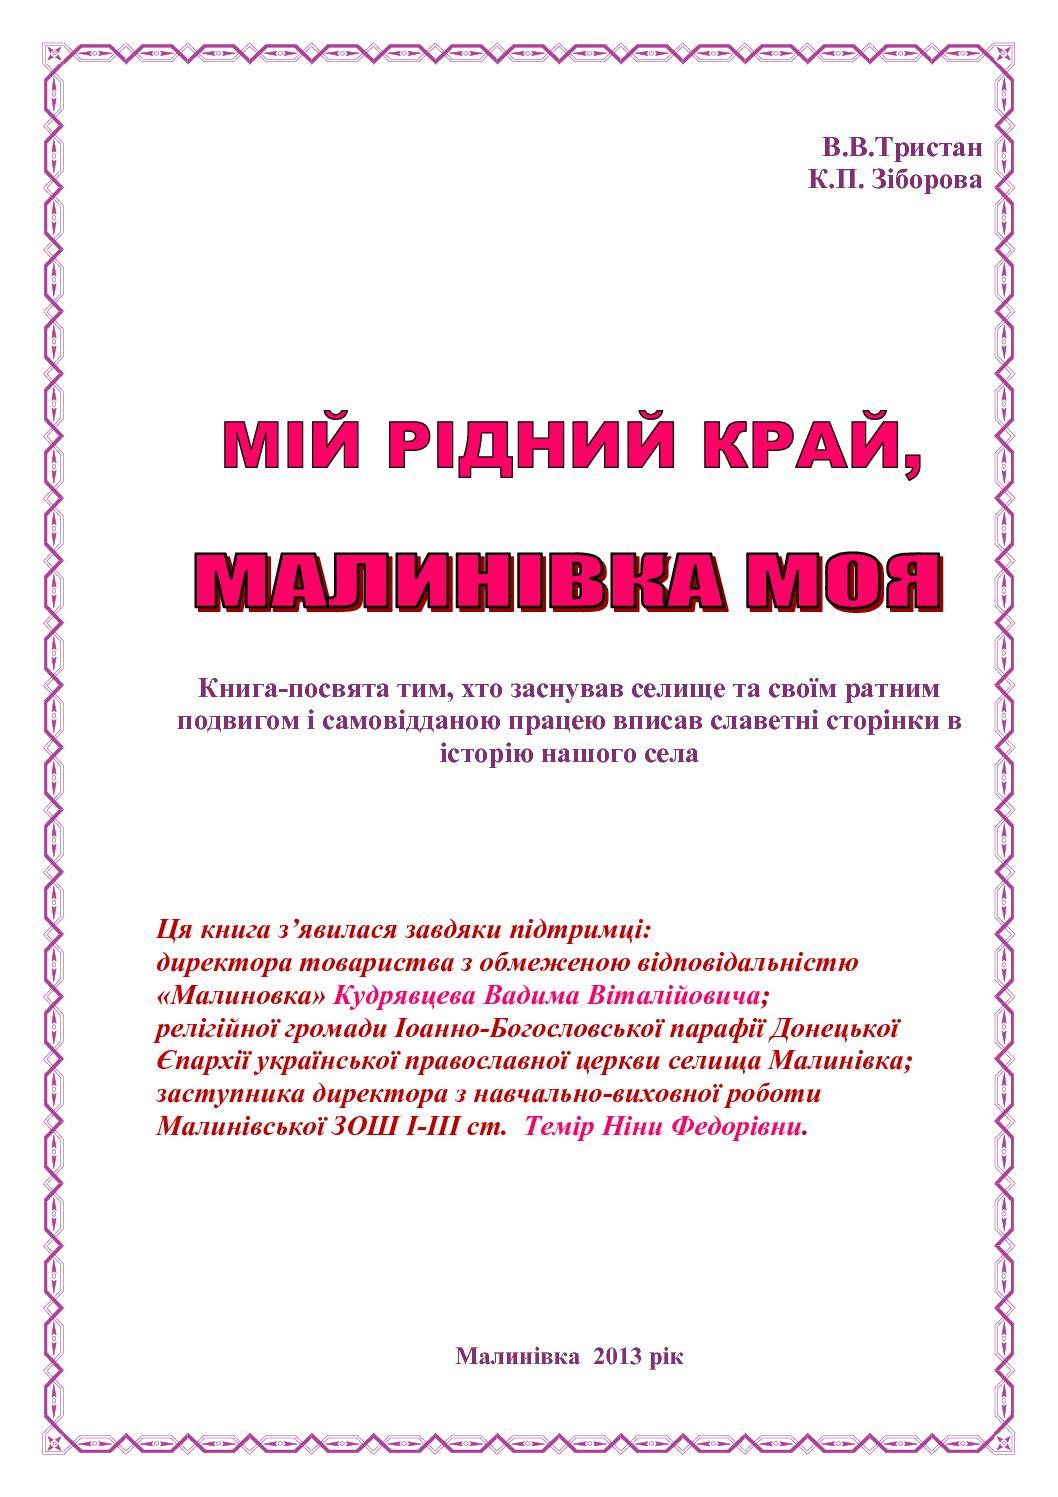 Calaméo - Тристан В.В.